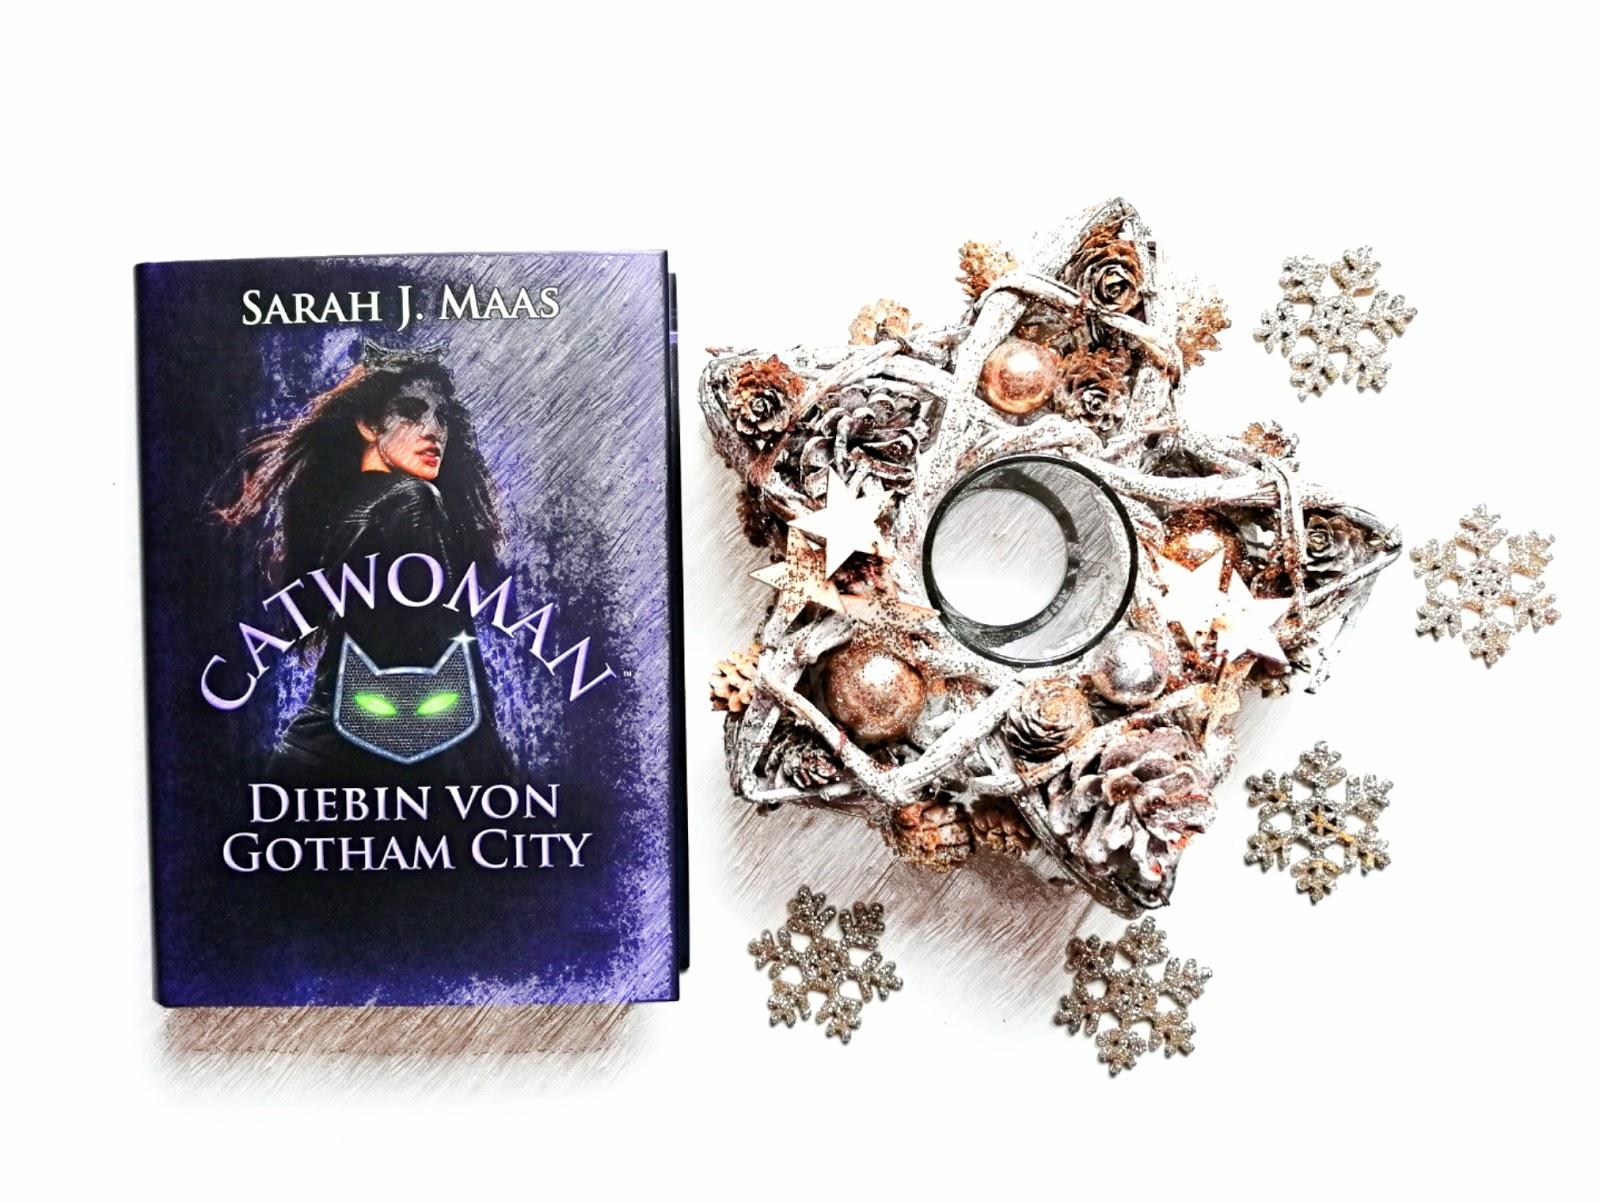 {Rezension} Catwoman - Diebin von Gotham City | Sarah J. Maas